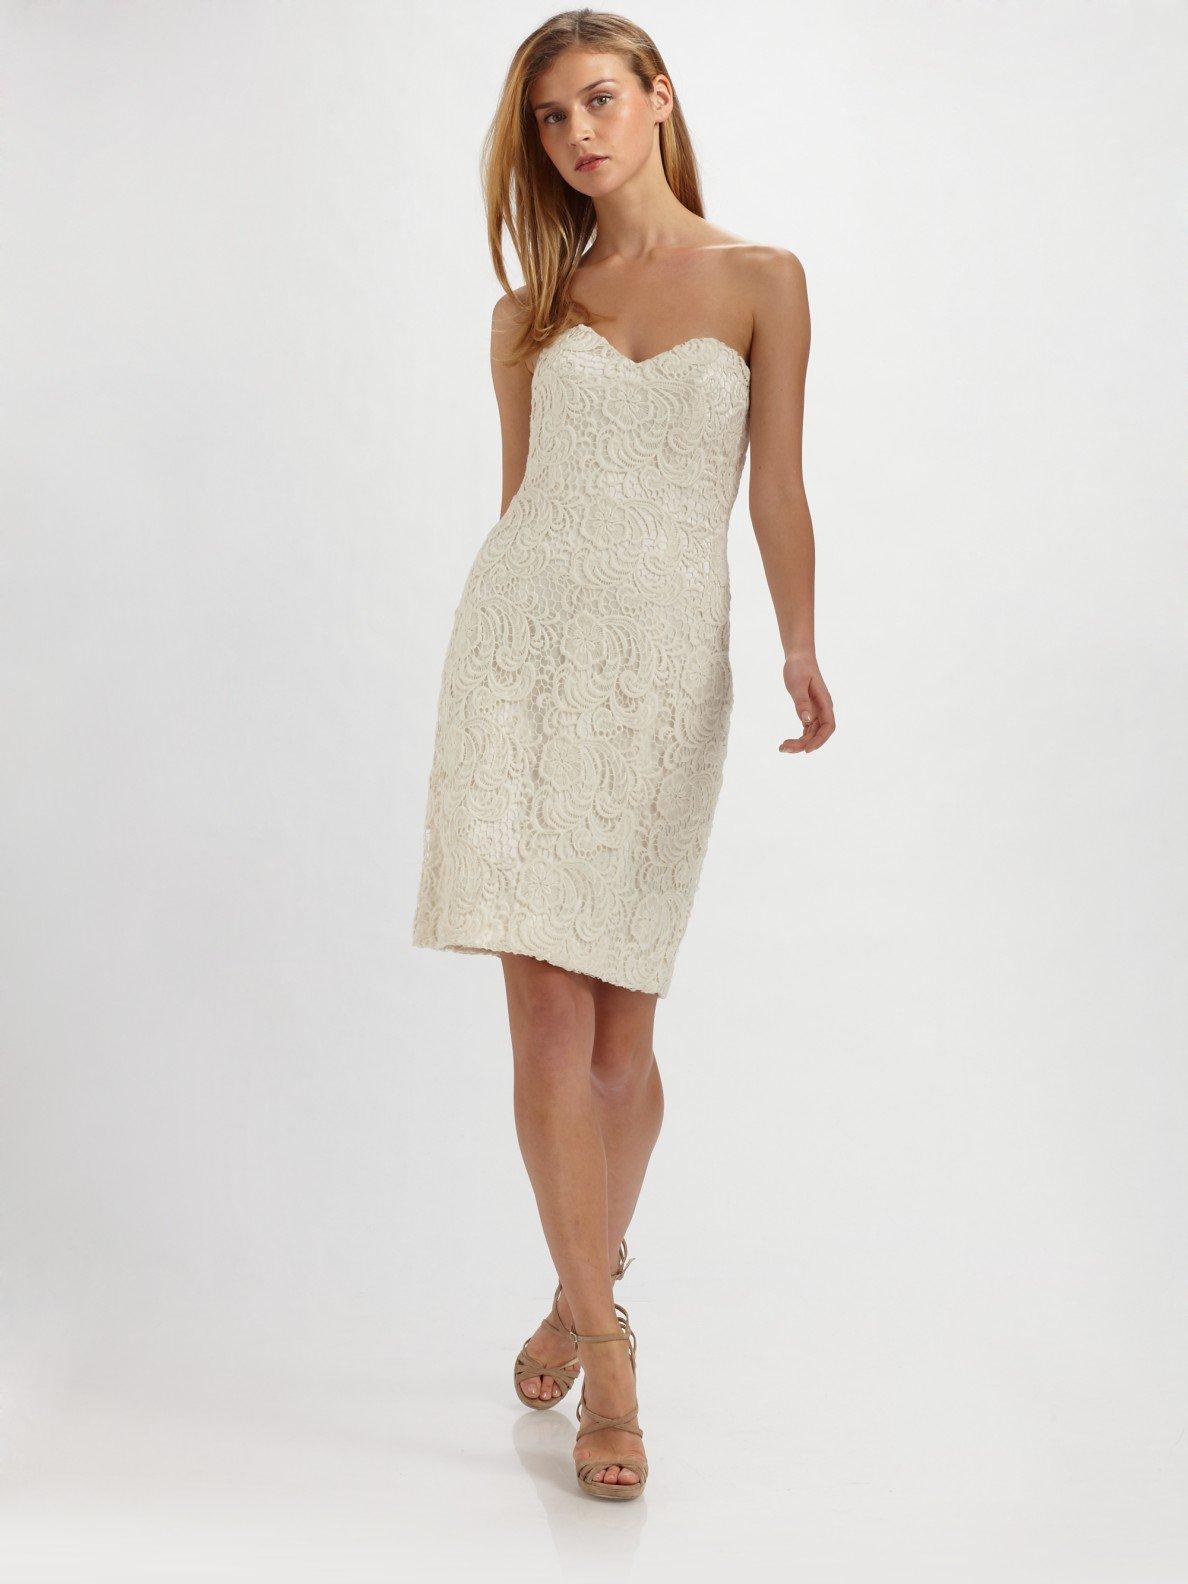 strapless lace dress white « Bella Forte Glass Studio